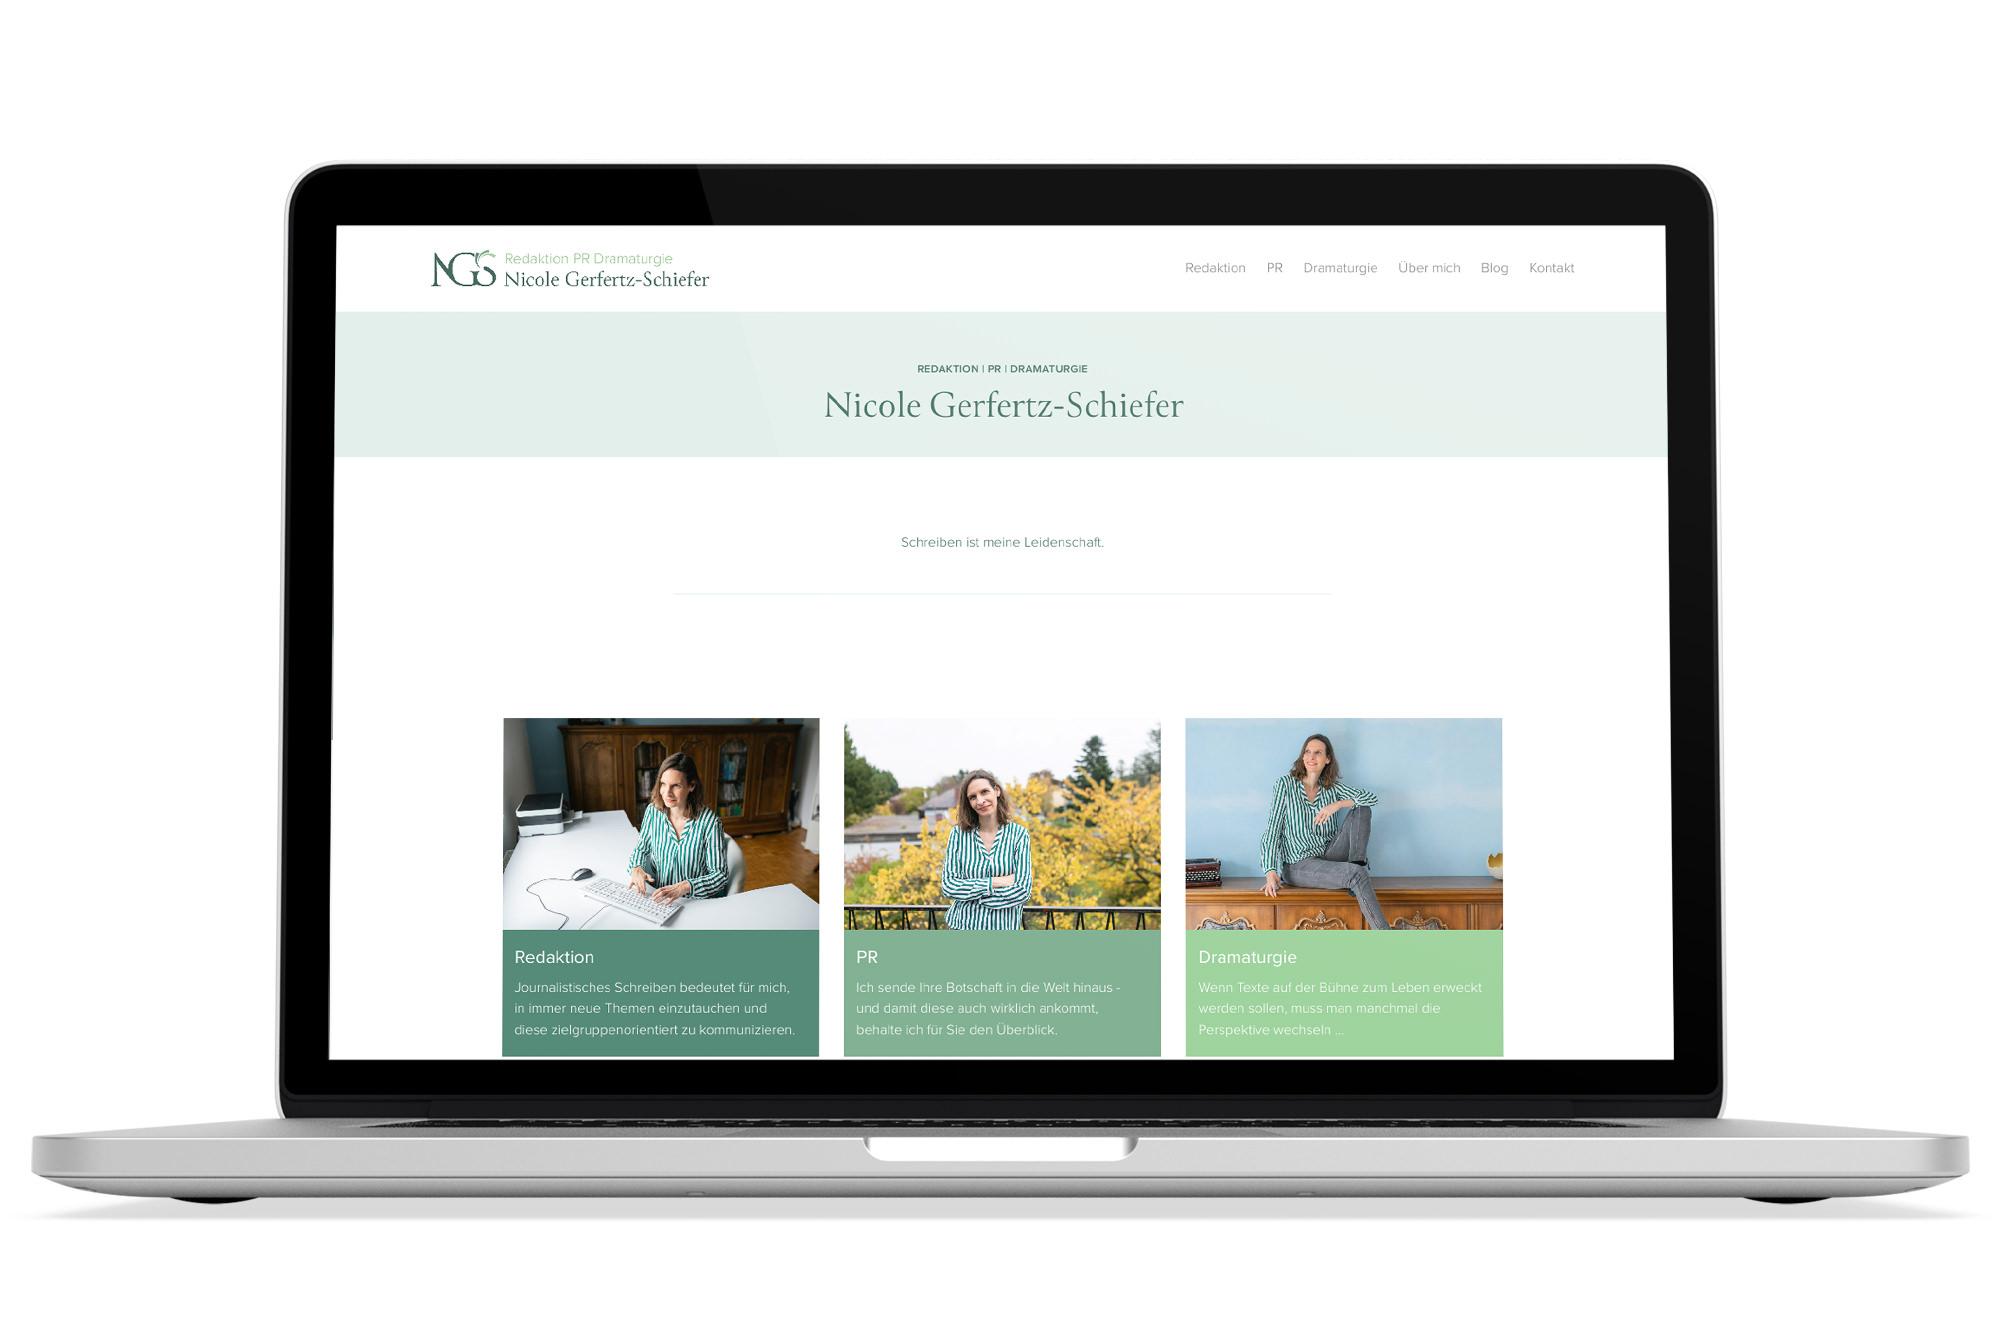 Responsive Webdesign Beispiel: Neue mobile Webseite für Redaktion | PR | Dramaturgie